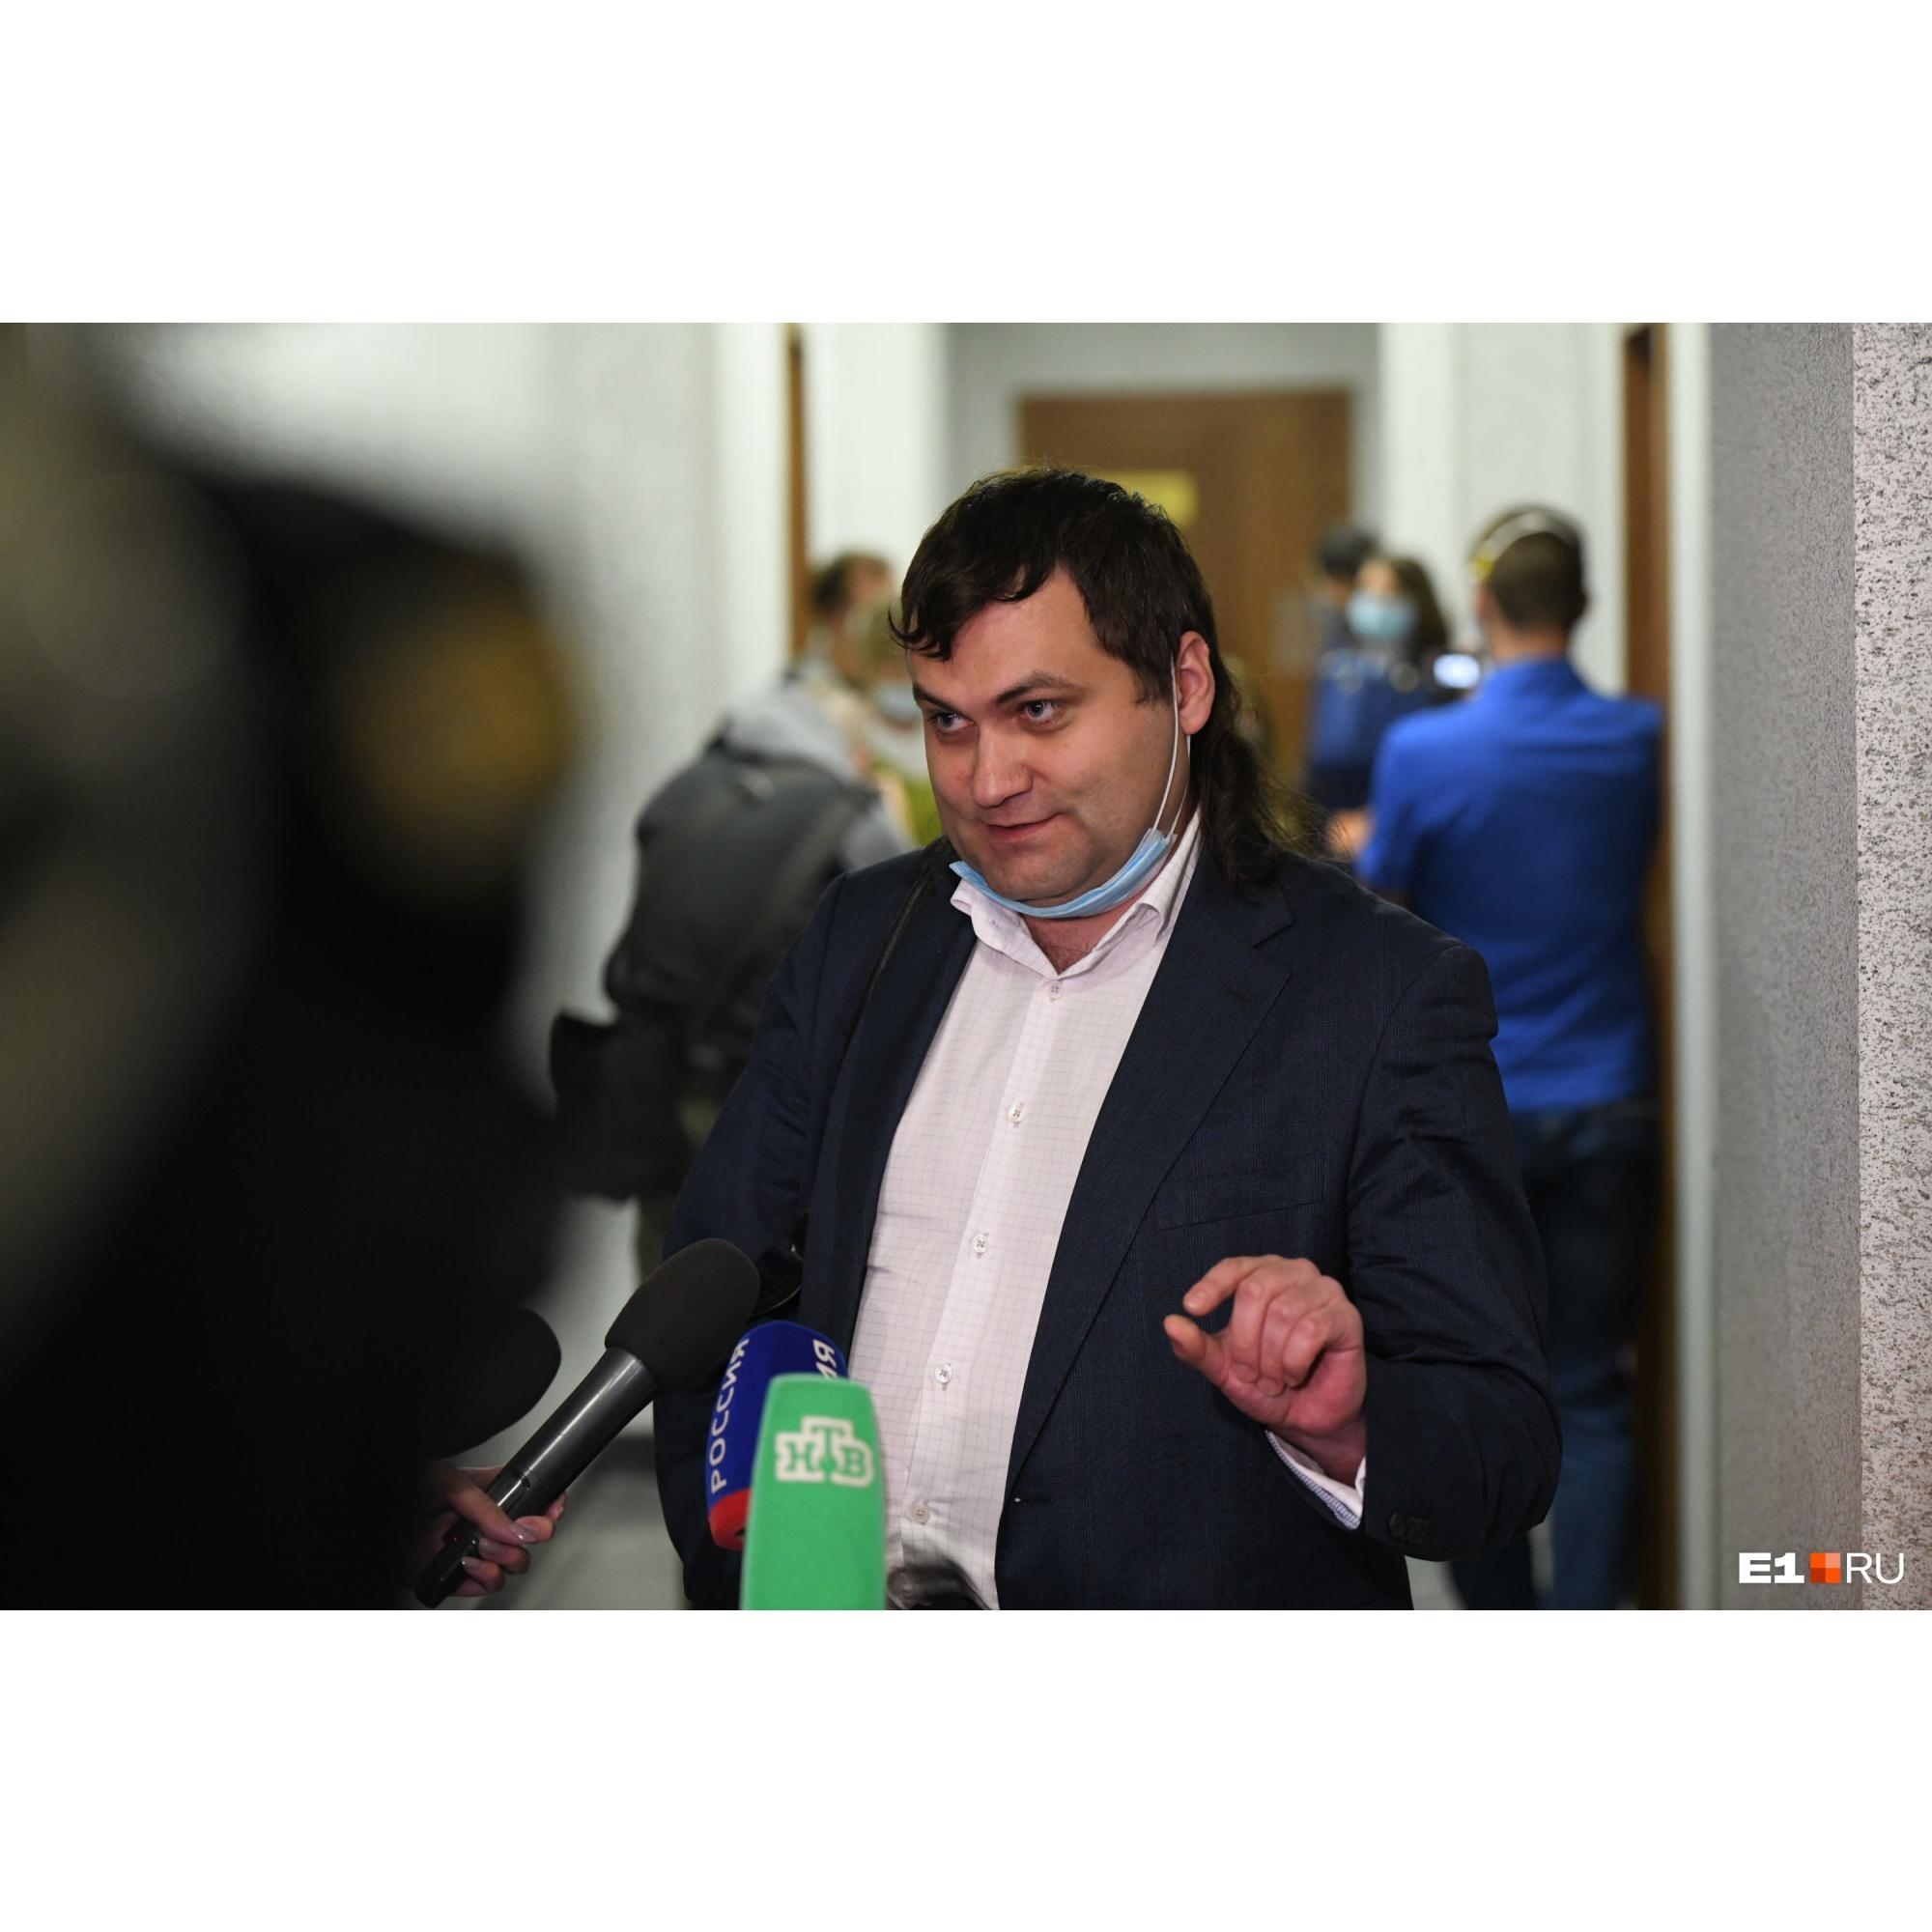 Даниил Задорин не смог пообщаться с Александровым в СИЗО-1